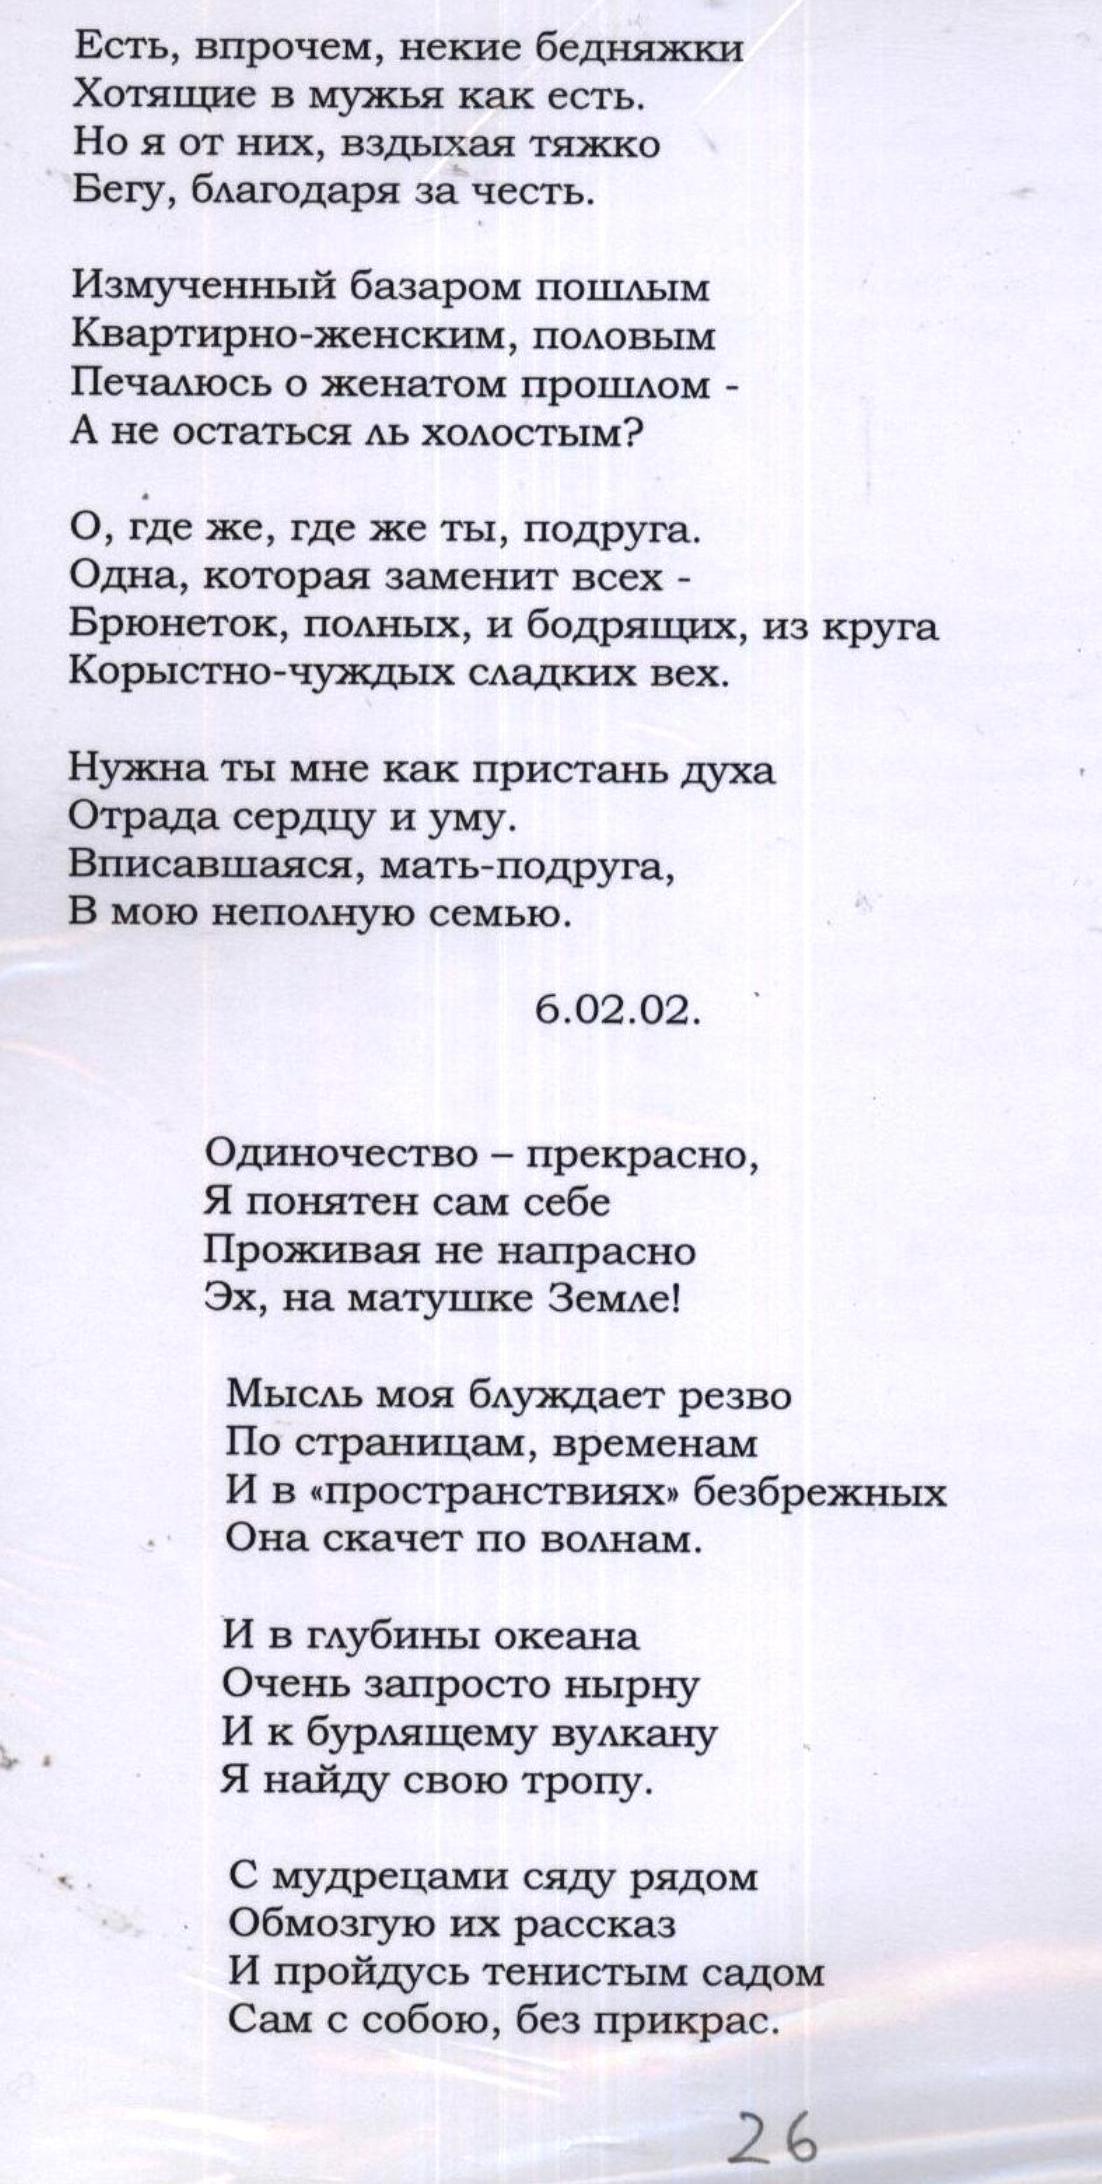 Стихи 025 ...Есть, впрочем, некие бедняжки... .jpg